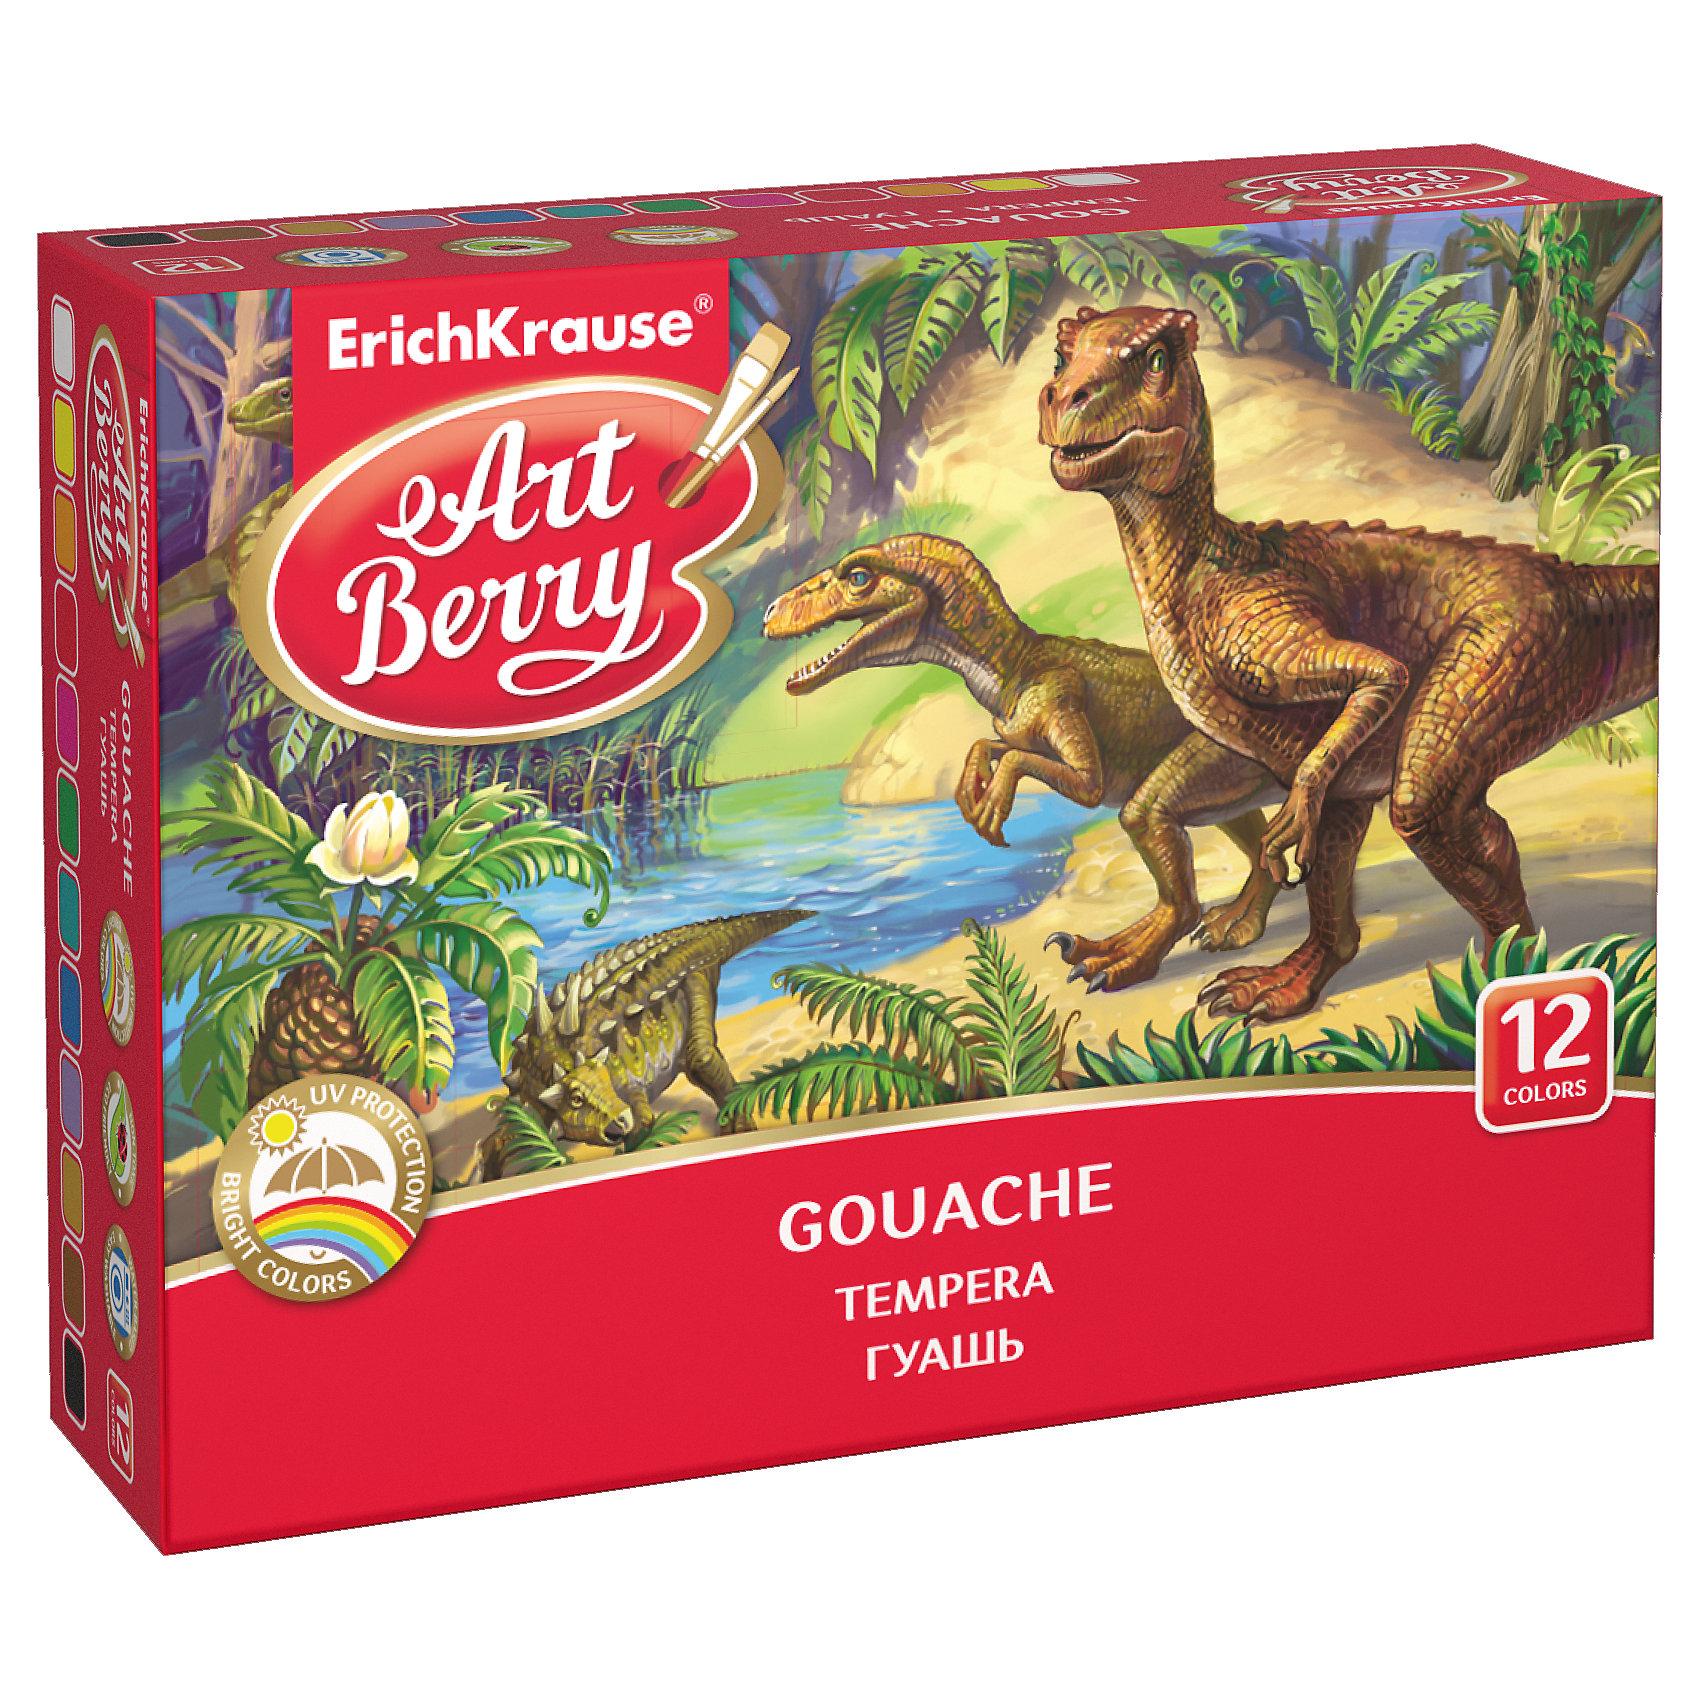 Гуашь ArtBerry с УФ защитой яркости, 12 цветов по 20млРисование и лепка<br>Характеристики гуаши ArtBerry 12 цветов:<br><br>• возраст: от 5 лет<br>• пол: для мальчиков и девочек<br>• комплект: 12 баночек с краской.<br>• материал: пластик, краситель, связующее вещество.<br>• размер упаковки: 11.5x11.5x4 см.<br>• упаковка: картонная коробка<br>• объем баночки: 20 мл.<br>• назначение: детское творчество, художественно-оформительские работы, роспись, живопись.<br>• бренд: Erich Krause<br>• страна обладатель бренда: Россия.<br><br>Канцтовары всегда будут пользоваться спросом у покупателей разных возрастных категорий. Они нужны в детских садах, школах, университетах. Яркие и насыщенные цвета гуаши ArtBerry с УФ защитой яркости легко смешиваются, образуя новые оттенки. Можно использовать не только на бумаге, но и на других поверхностях, в том числе раскрашивать поделки из пластилина, картона, фанеры и т.п. Баночки легко открываются и закрываются.<br><br>Гуашь ArtBerry с УФ защитой яркости 12 цветов торговой марки Erich Krause можно купить в нашем интернет-магазине.<br><br>Ширина мм: 157<br>Глубина мм: 115<br>Высота мм: 40<br>Вес г: 387<br>Возраст от месяцев: 60<br>Возраст до месяцев: 216<br>Пол: Унисекс<br>Возраст: Детский<br>SKU: 5409213